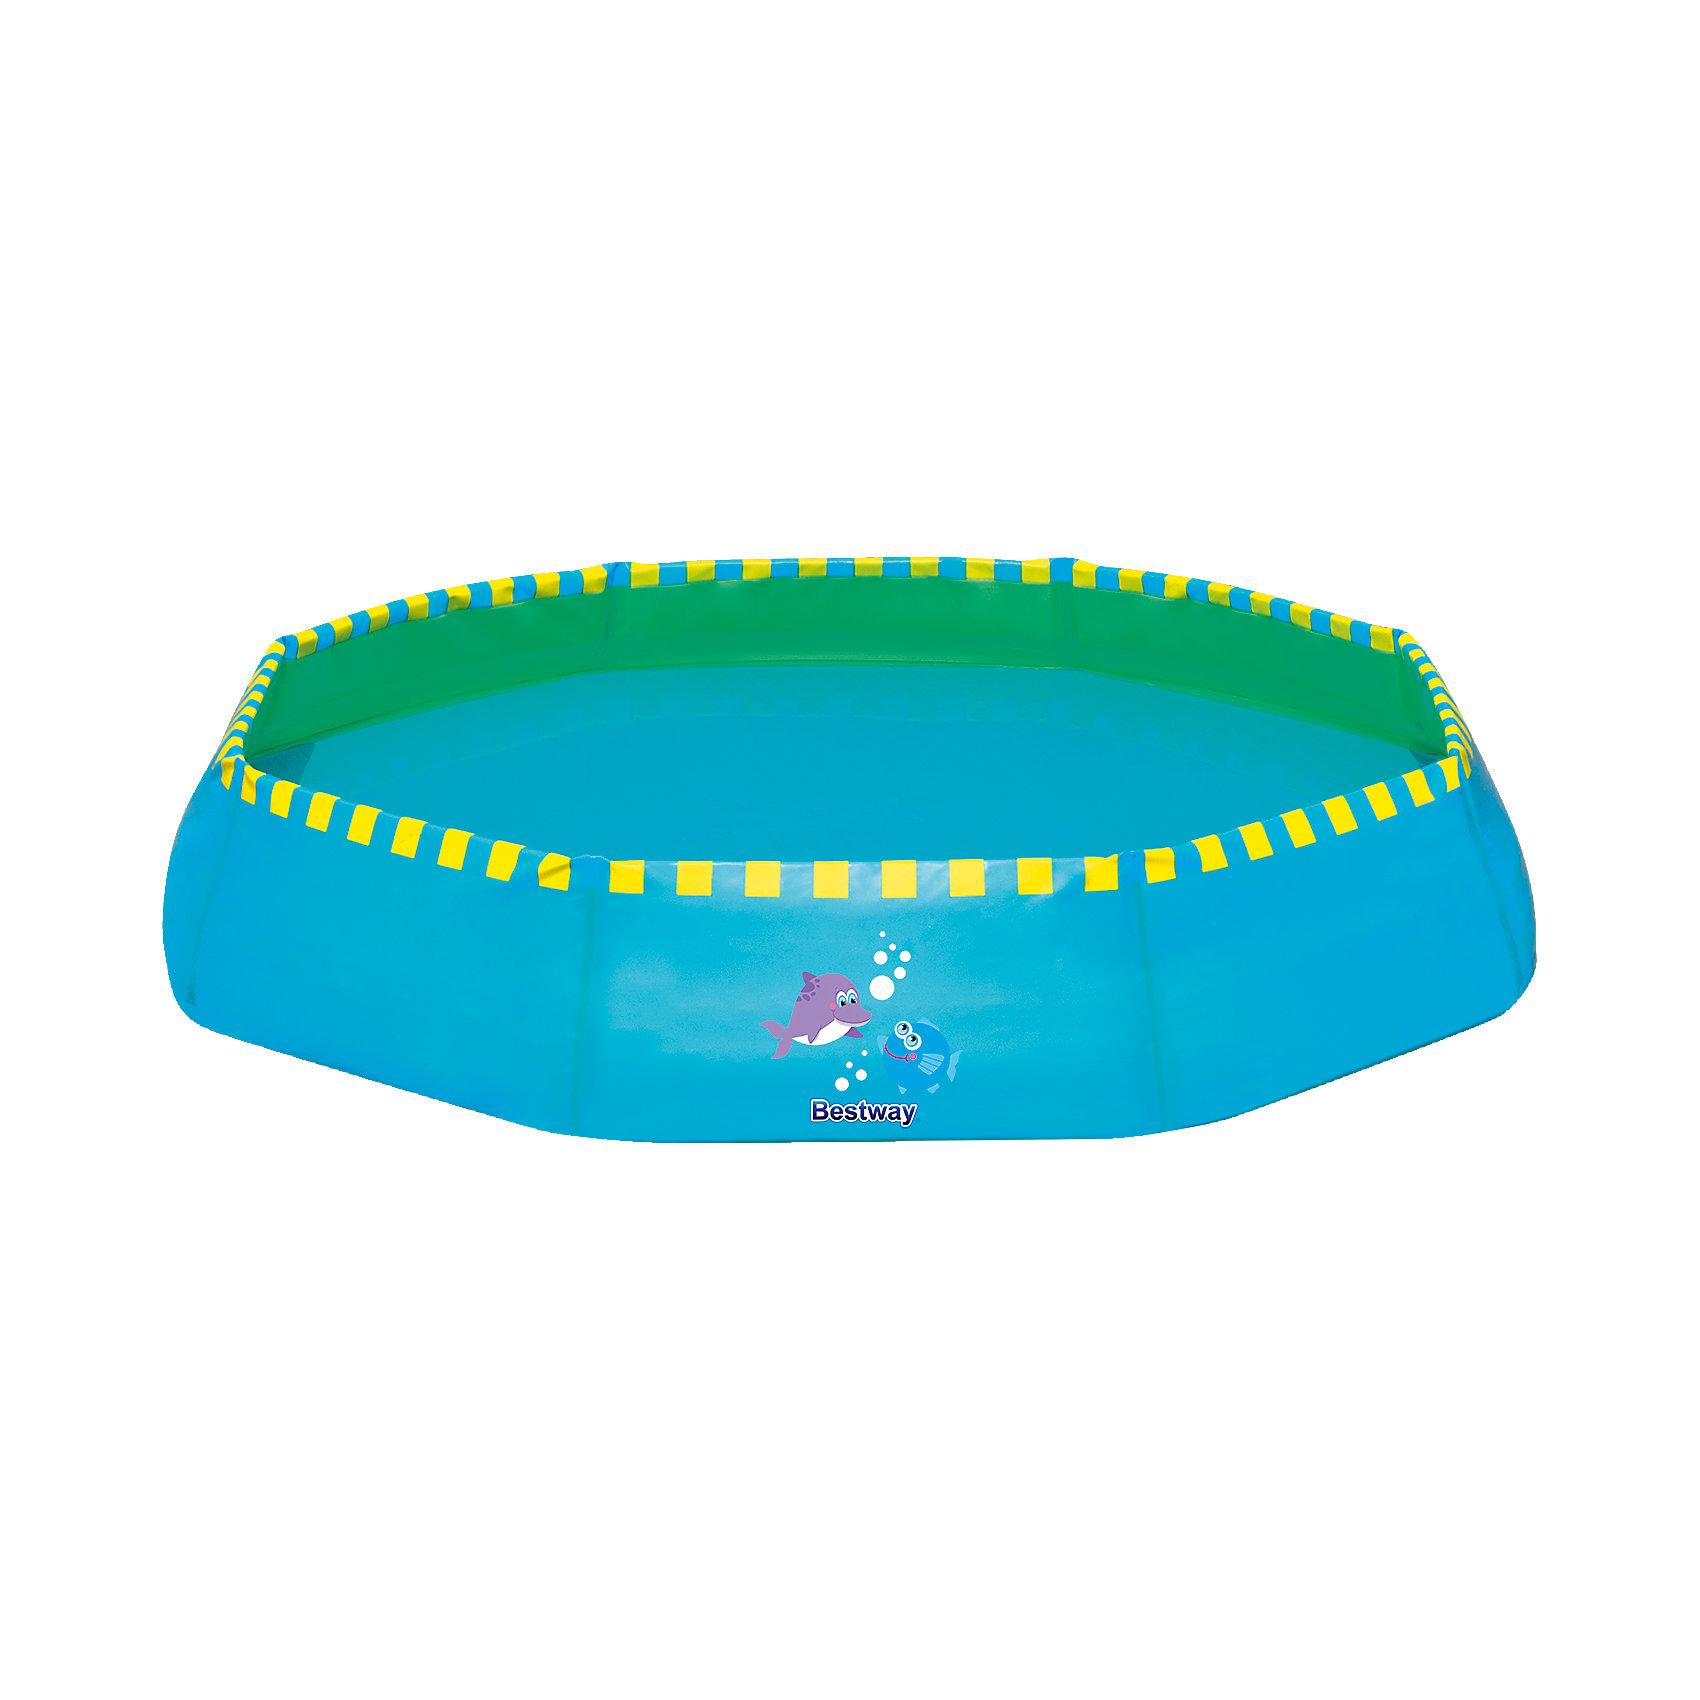 Ненадувной бассейн, 117 л синий, BestwayНенадувной бассейн, Bestway, станет замечательным развлечением для Вашего ребенка в жаркие летние дни. Бассейн быстро и легко устанавливается, надувать и сдувать не требуется. Жесткие бортики выполнены из прочного материала ПВХ, который способен выдерживать большие нагрузки. Бассейн компактно складывается в небольшую сумку, которая легко трансформируется в ведро для наполнения водой. Благодаря небольшим размерам бассейн прекрасно впишется в размеры дачного участка и подойдет для отдыха на природе.<br><br>Дополнительная информация:<br><br>- Материал: ПВХ.<br>- Объем: 117 л.<br>- Размер: 99 х 99 х 20 см.<br>- Размер упаковки: 42,7 х 28,6 х 14,4 см.<br>- Вес: 0,871 кг. <br><br>Ненадувной бассейн, 117 л., синий, Bestway, можно купить в нашем интернет-магазине.<br><br>Ширина мм: 450<br>Глубина мм: 300<br>Высота мм: 140<br>Вес г: 880<br>Возраст от месяцев: 24<br>Возраст до месяцев: 2147483647<br>Пол: Мужской<br>Возраст: Детский<br>SKU: 4292331